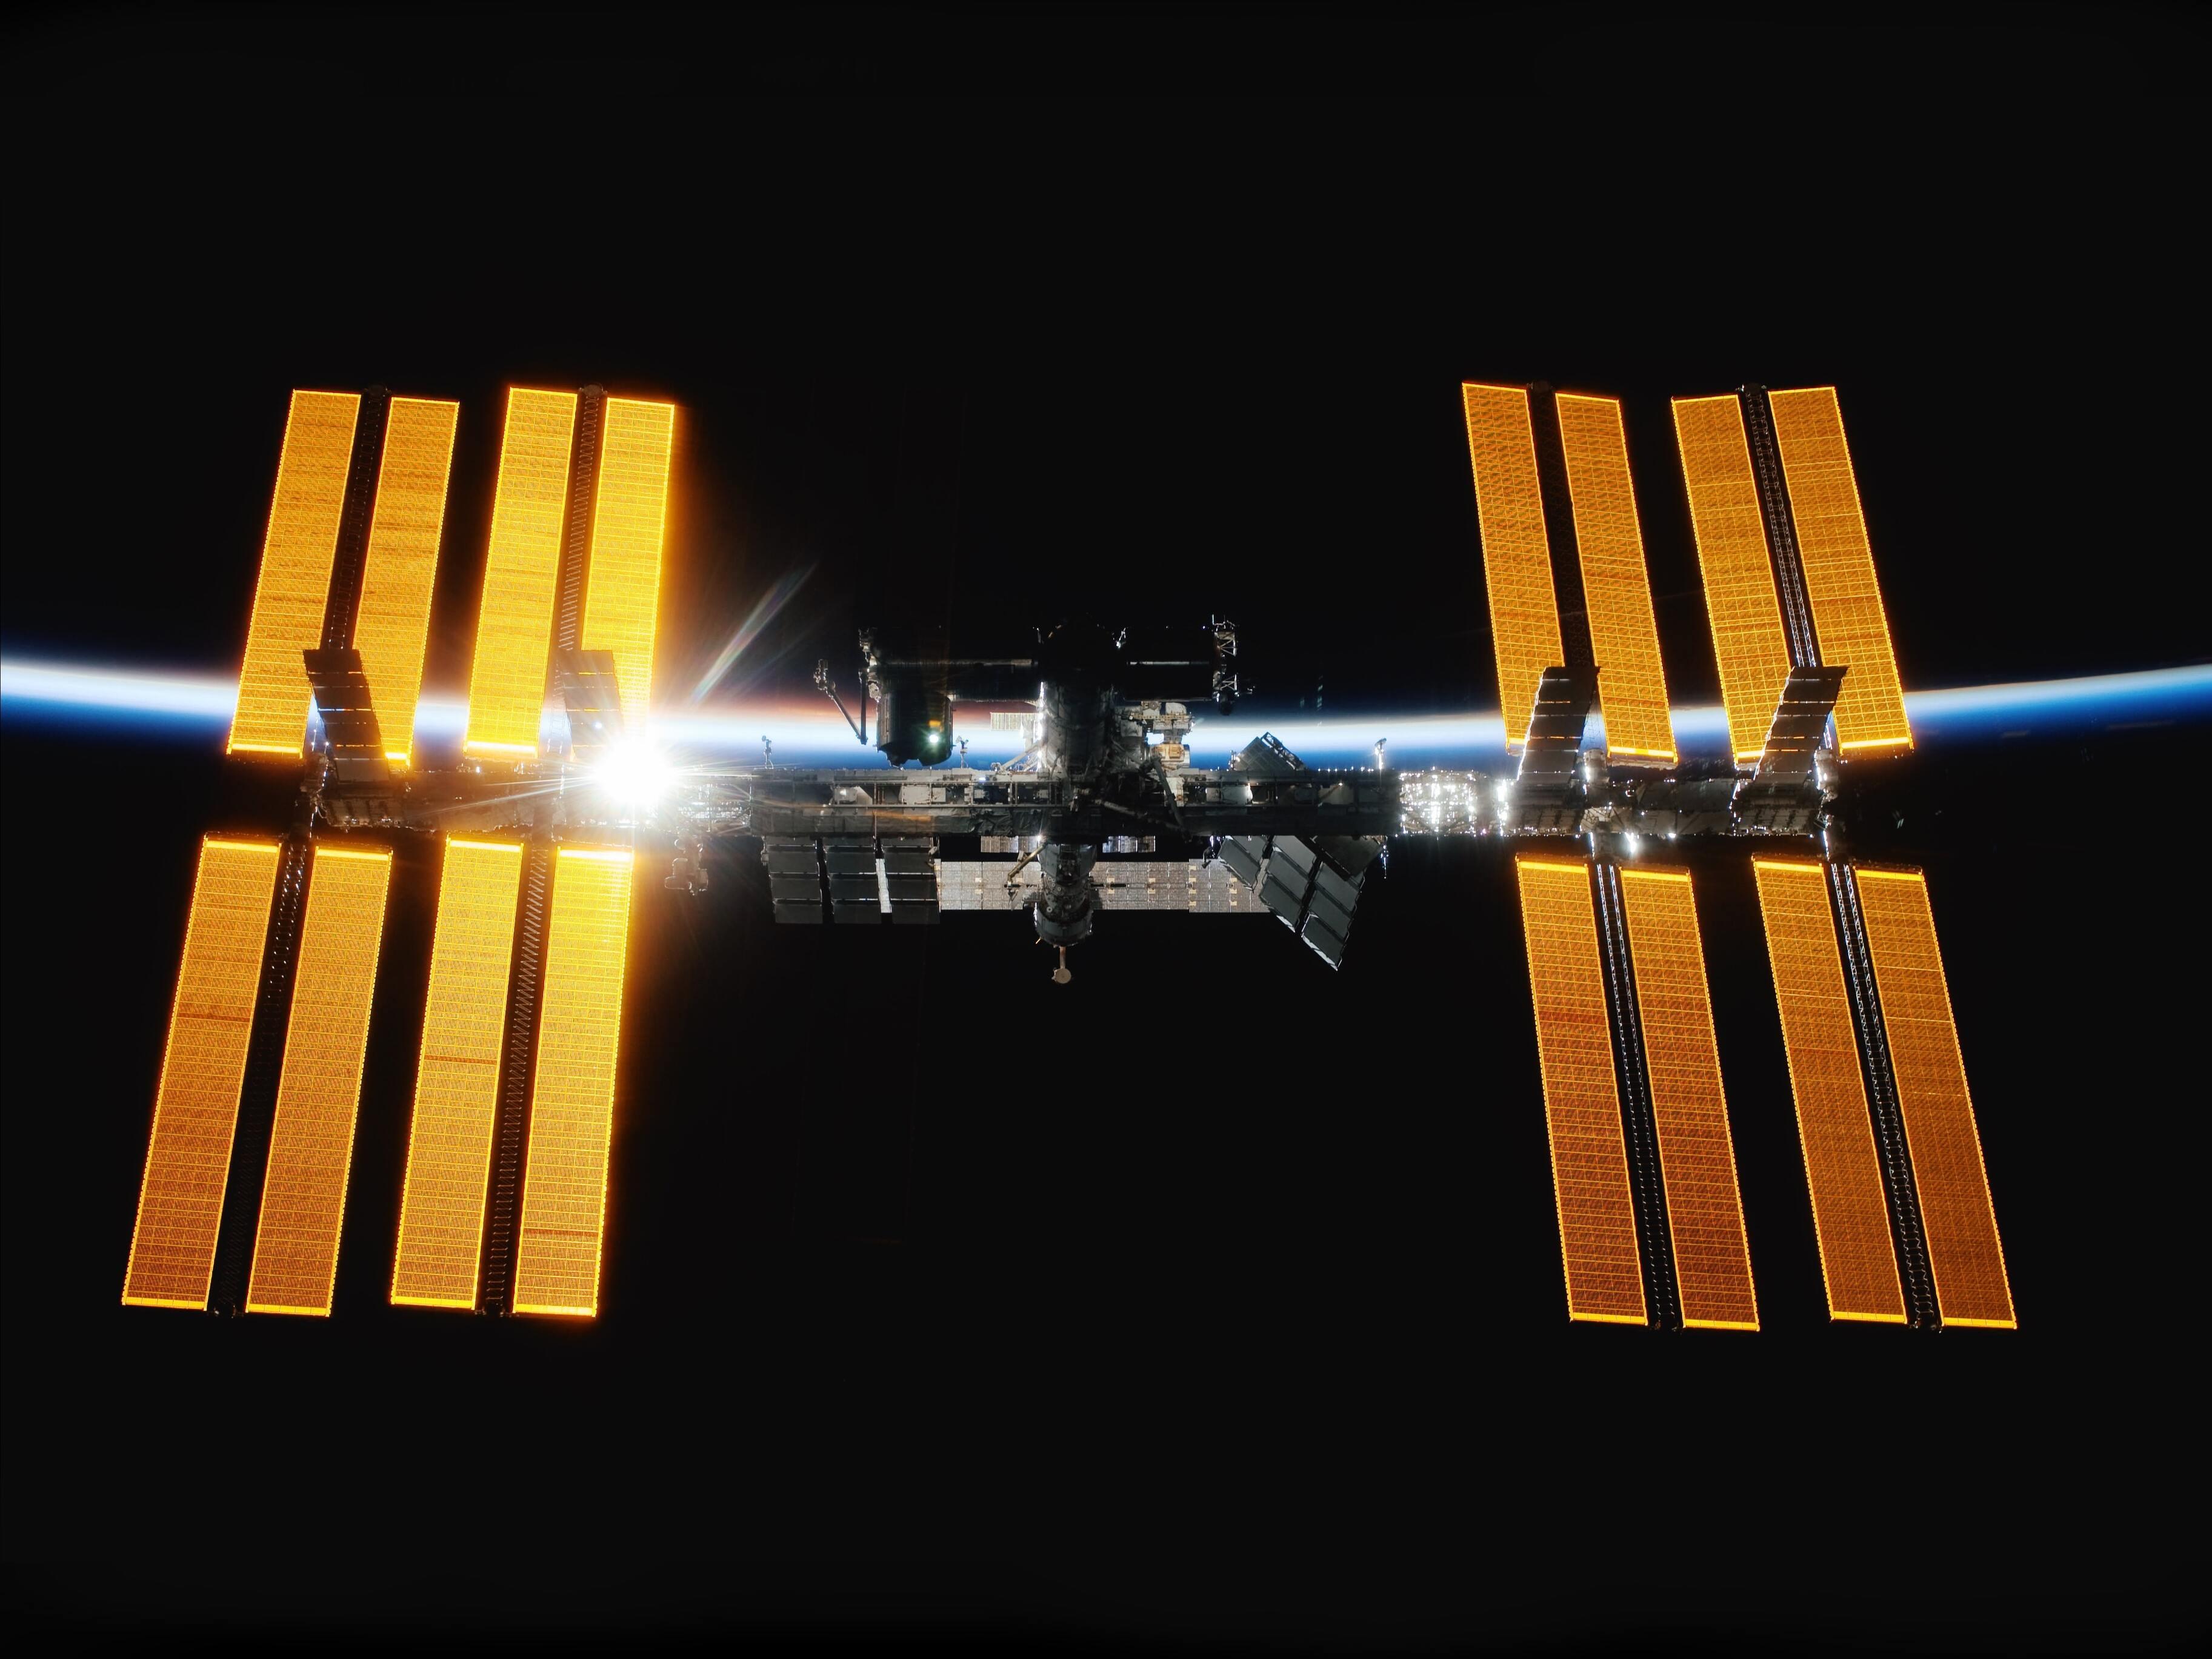 Россия решила перестать работать на МКС к 2025 году